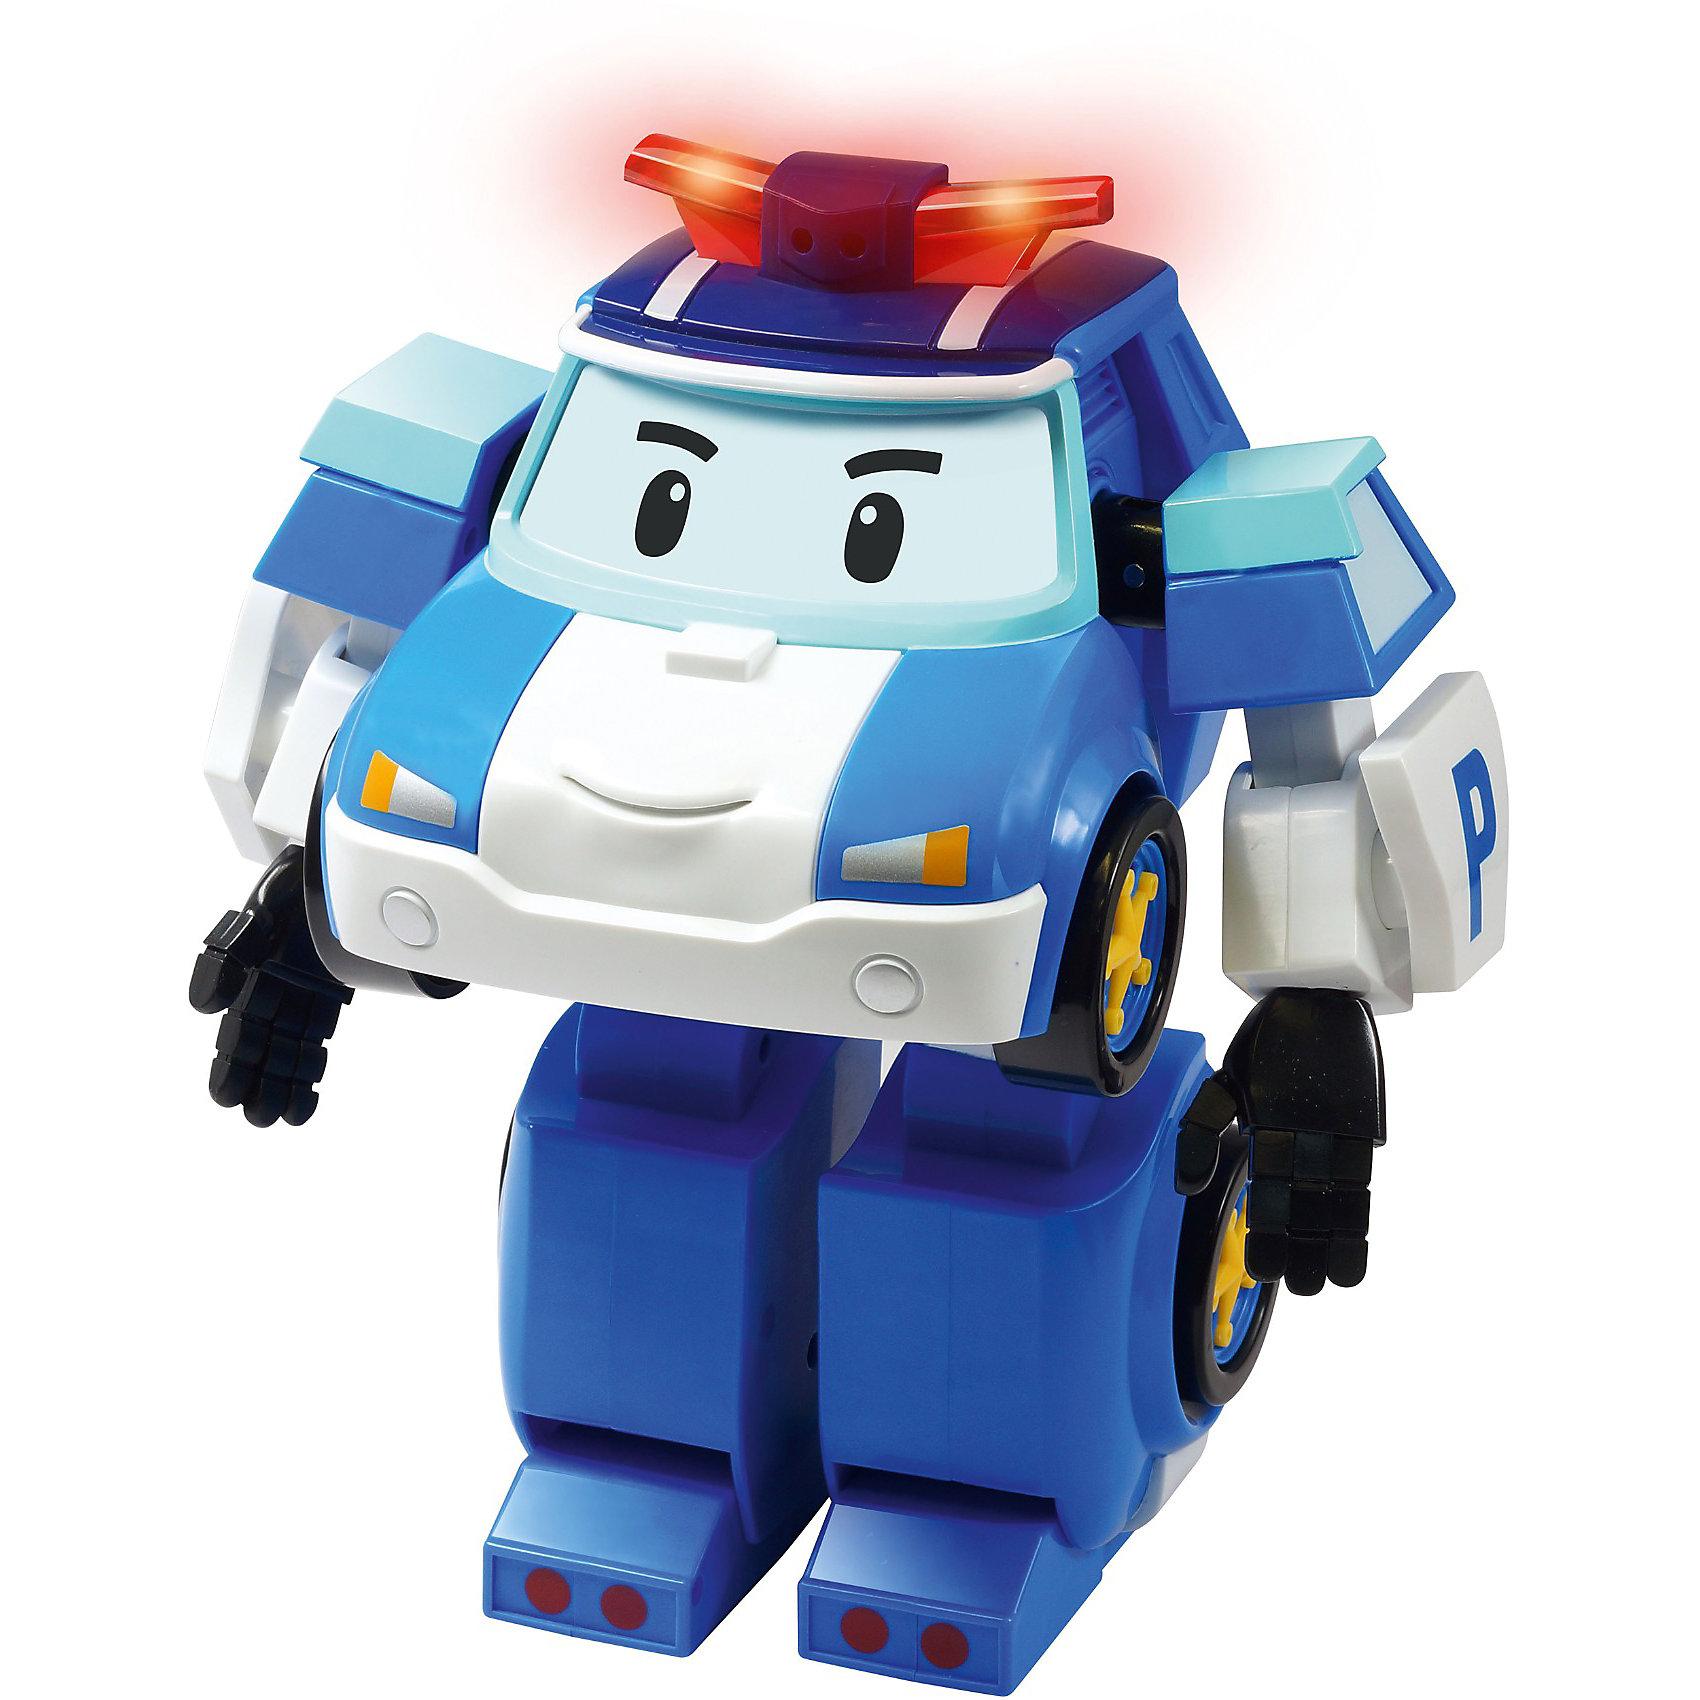 Робот-трансформер Поли, р/у, Робокар Поли, 31 смИдеи подарков<br>Необыкновенный подарок для любителей чудесного мультфильма ROBOCAR POLI (Робокар Поли): теперь добрый и смелый полицейский Поли в виде настоящего робота на радиоуправлении! Дети обожают Поли, ведь он образец верности, надежности и порядка. Он охраняет спокойствие Брумстауна - города говорящих машинок, и всегда находит выход из любых трудных ситуаций. <br>Ребенок будет в восторге от робота Поли, ведь он дает массу игровых возможностей, а управлять им невероятно удобно: кнопки большого размера подойдут даже для маленьких пальчиков. Звуковые эффекты сопровождаются подсветкой фар, что создает еще большую реалистичность! Играйте, веселитесь и развивайтесь вместе с роботом Поли!<br><br>Дополнительная информация:<br>- В игровой набор входят:  шагающий робот Поли, пульт дистанционного управления;<br>- Управляется дистанционно в форме робота. Робот не трансформируется в машину.<br>- Есть функция записи голоса.<br>- Со звуковыми эффектами: сирена и 3 мелодии;<br>- Со световыми эффектами: мигалка, подсветка фар;<br>- Питание: 4 батарейки типа AAA и 1 батарейка 6LR61-9V (приобретаются отдельно);<br>- Размер робота: 31 см;<br>- Вес: 1,6 кг<br><br>Шагающего робота Поли, ROBOCAR POLI (Робокар Поли), 31 см можно купить в нашем интернет-магазине.<br><br>Ширина мм: 380<br>Глубина мм: 350<br>Высота мм: 185<br>Вес г: 1700<br>Возраст от месяцев: 36<br>Возраст до месяцев: 84<br>Пол: Унисекс<br>Возраст: Детский<br>SKU: 3733271